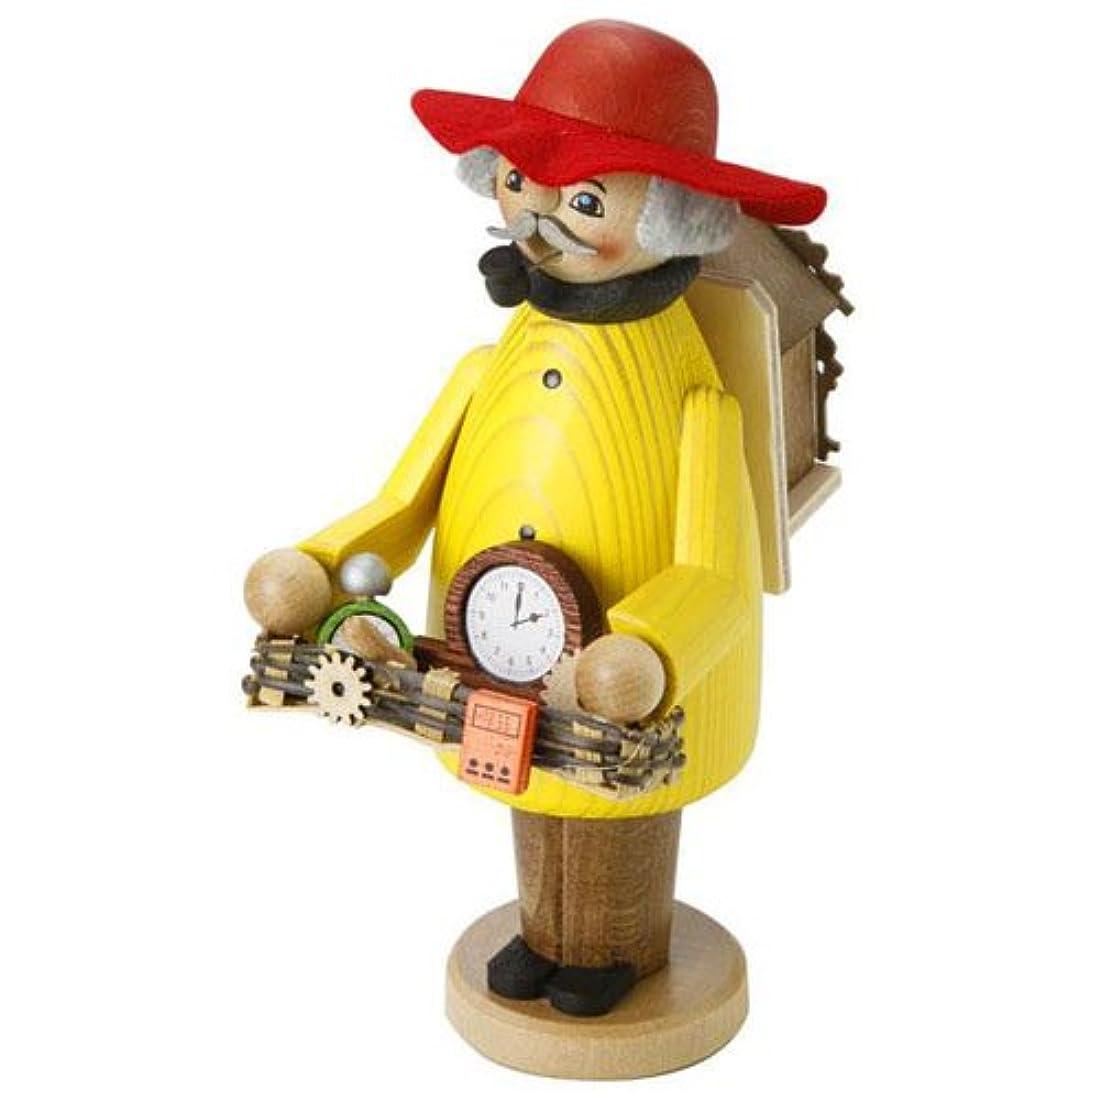 非行対応押すkuhnert ミニパイプ人形香炉 時計売り